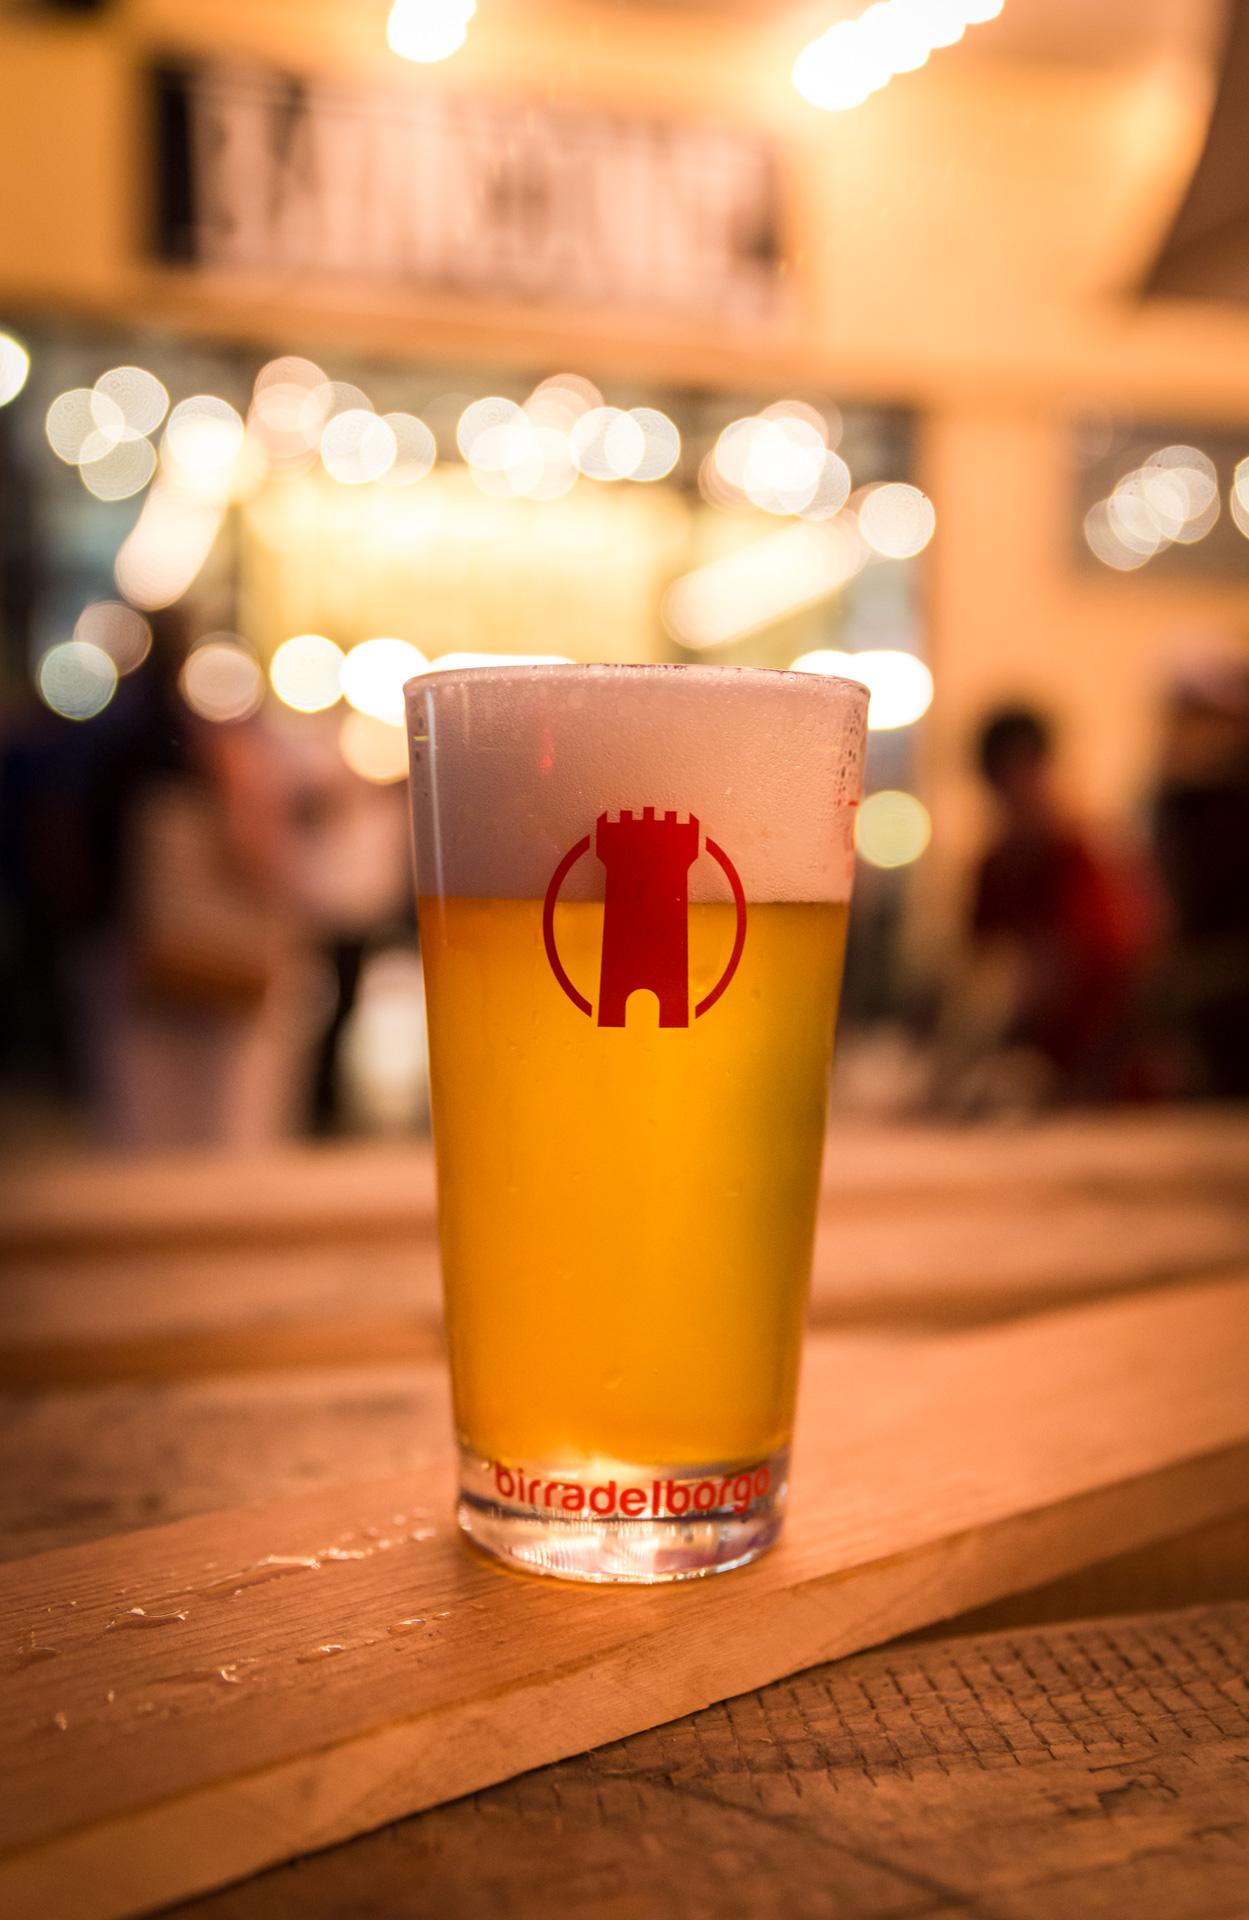 osteria birra del borgo